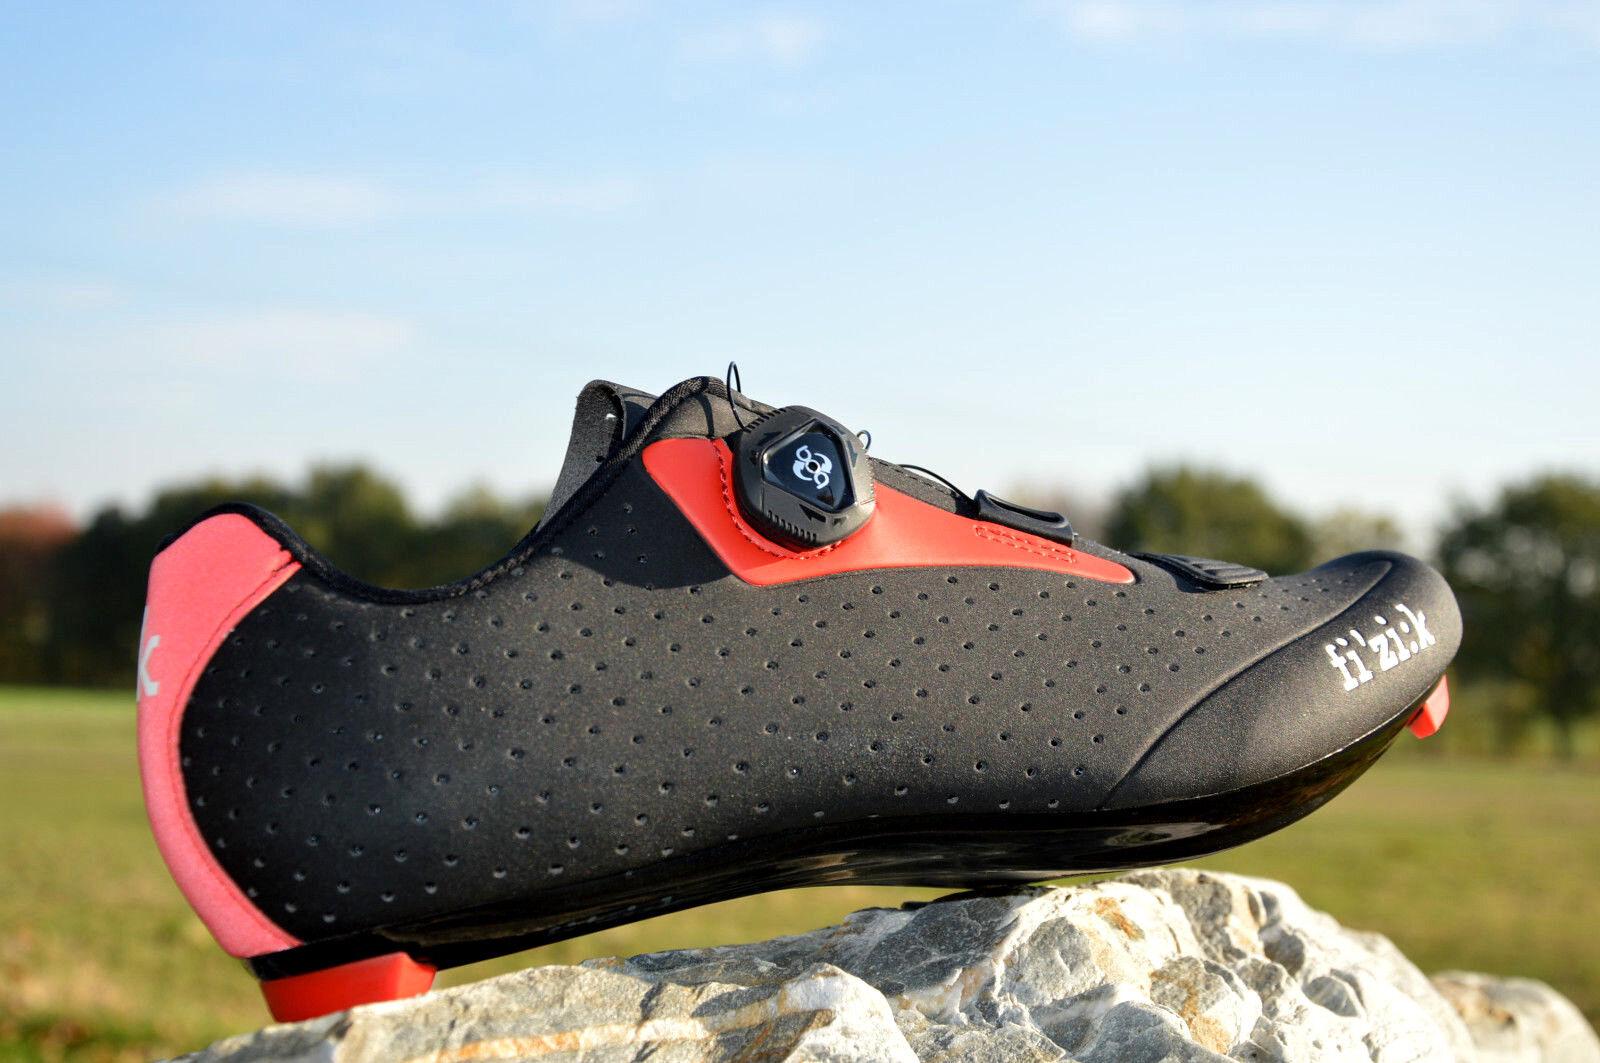 Fizik r5 boa man bicicleta de carreras zapatos carbon reforzada reforzada reforzada nylon suela negro rojo%%%  los nuevos estilos calientes